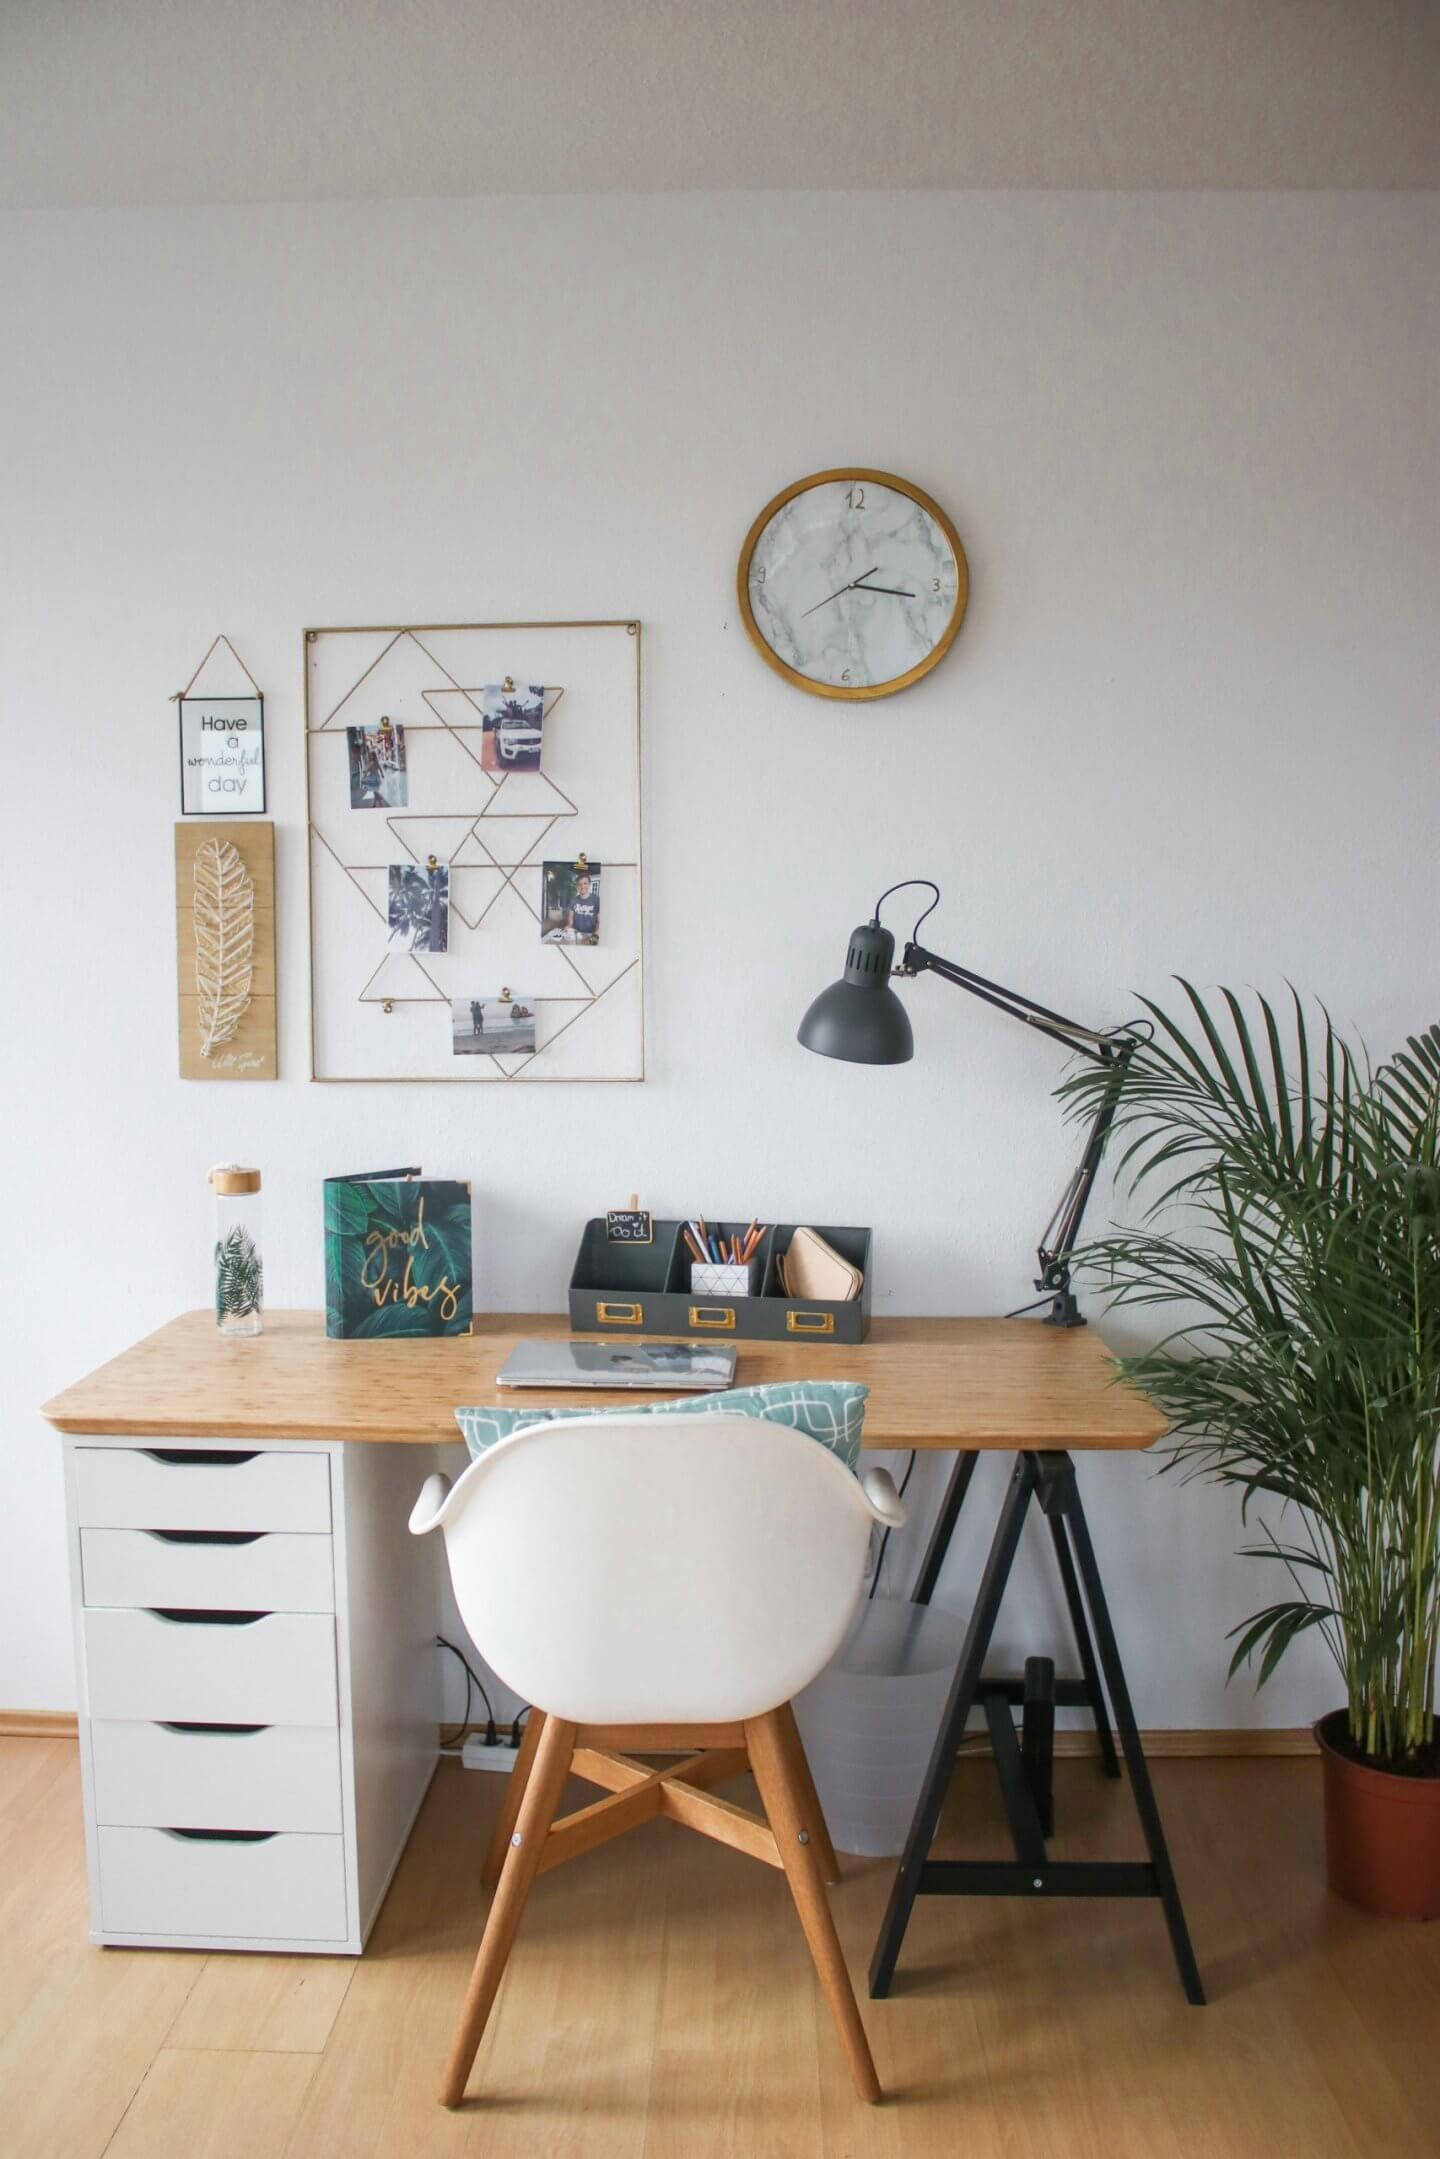 Schreibtisch DIY - Idee, um einen IKEA Schreibtisch selber zu bauen